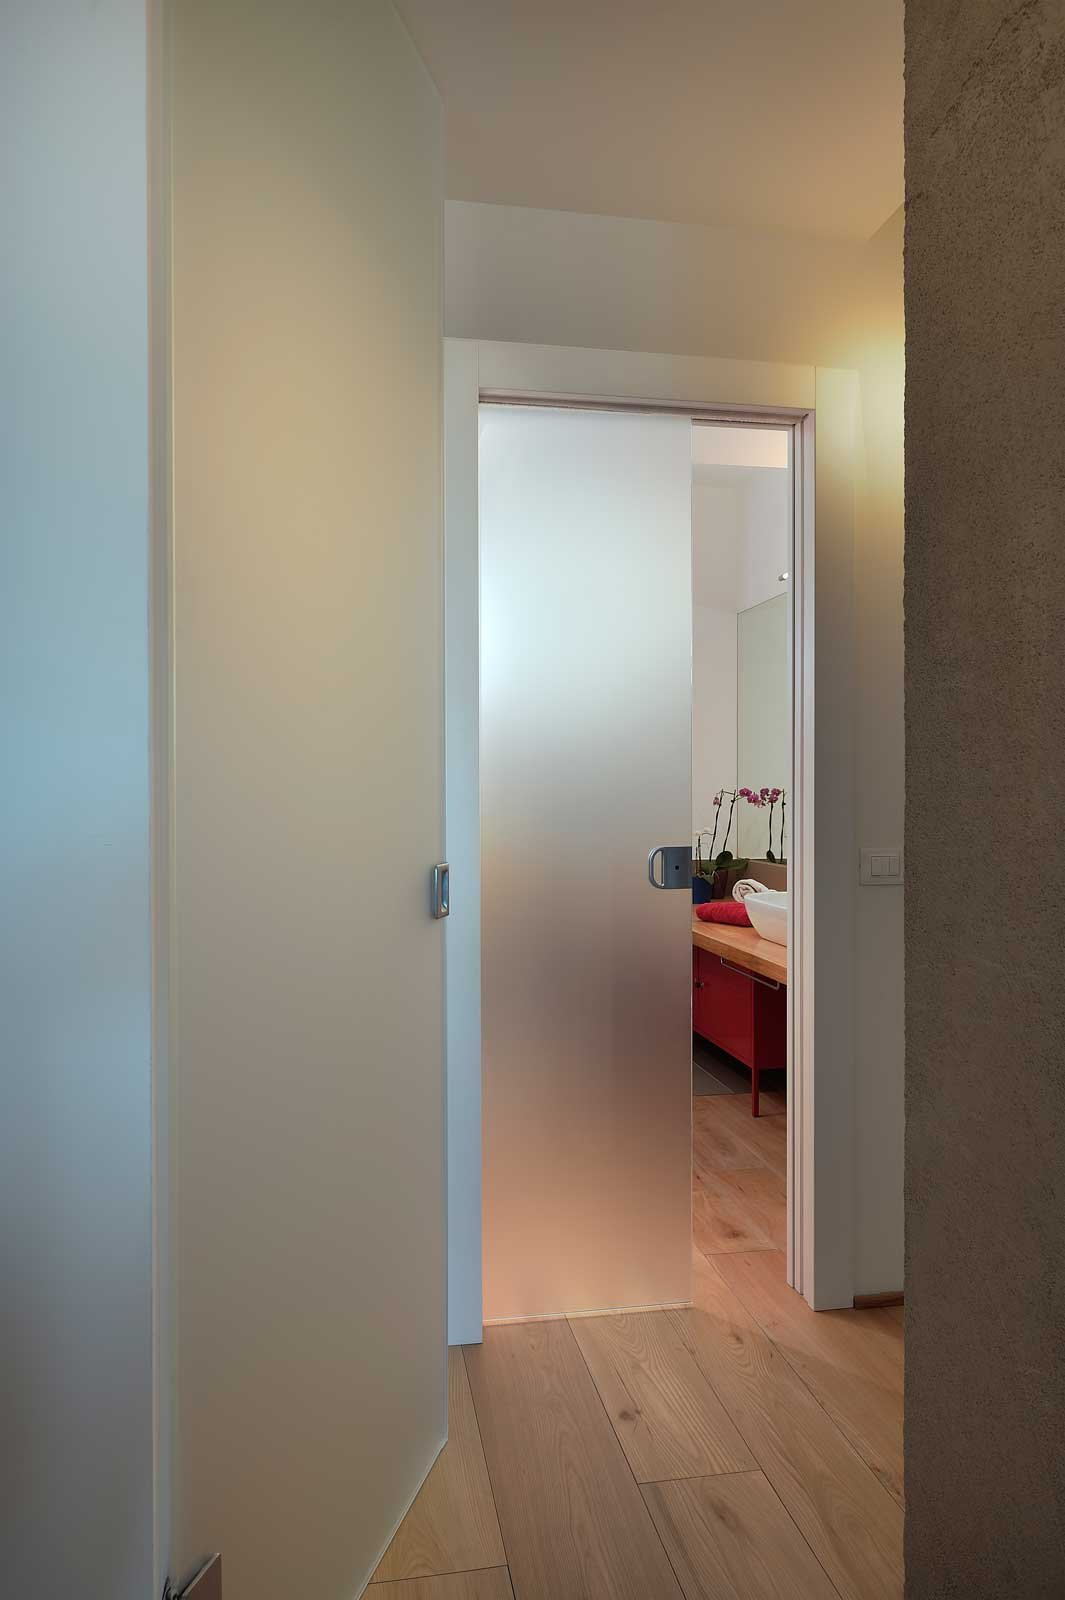 Come scegliere la porta scorrevole per il bagno cose di casa - Porta in vetro scorrevole ...